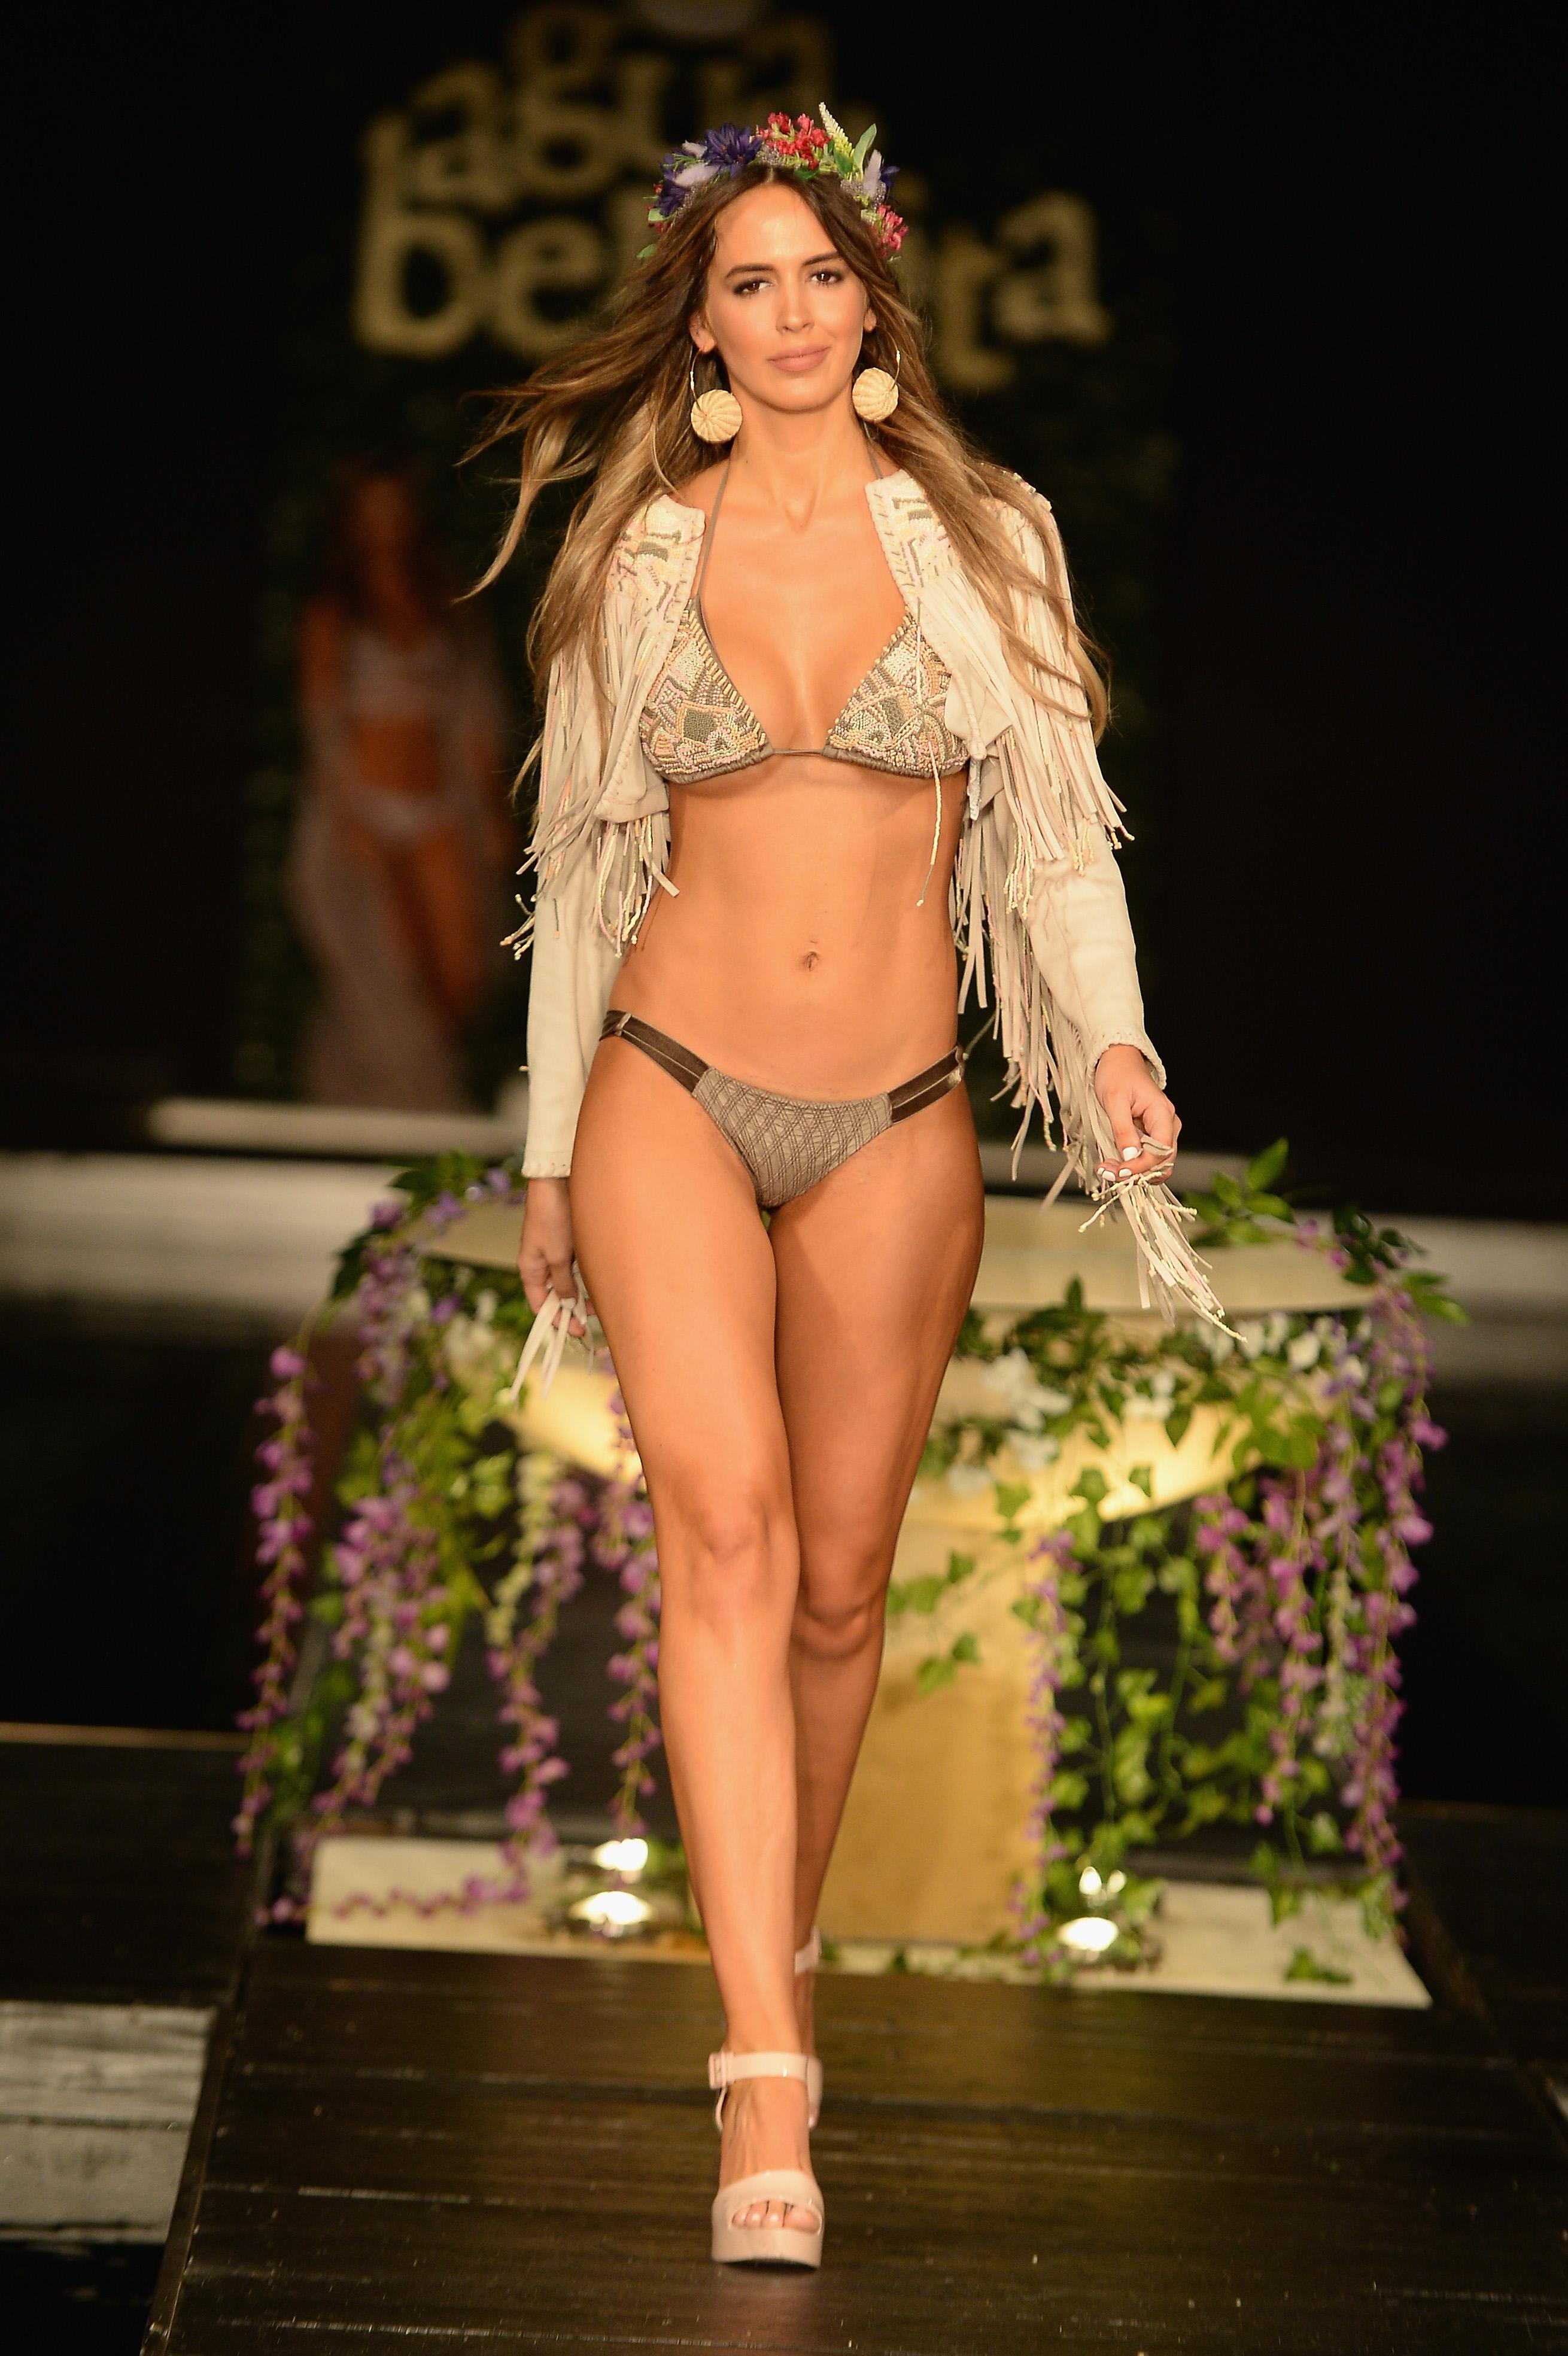 Shannon de Lima, bañador, bikini, pasarela, sexy, foto